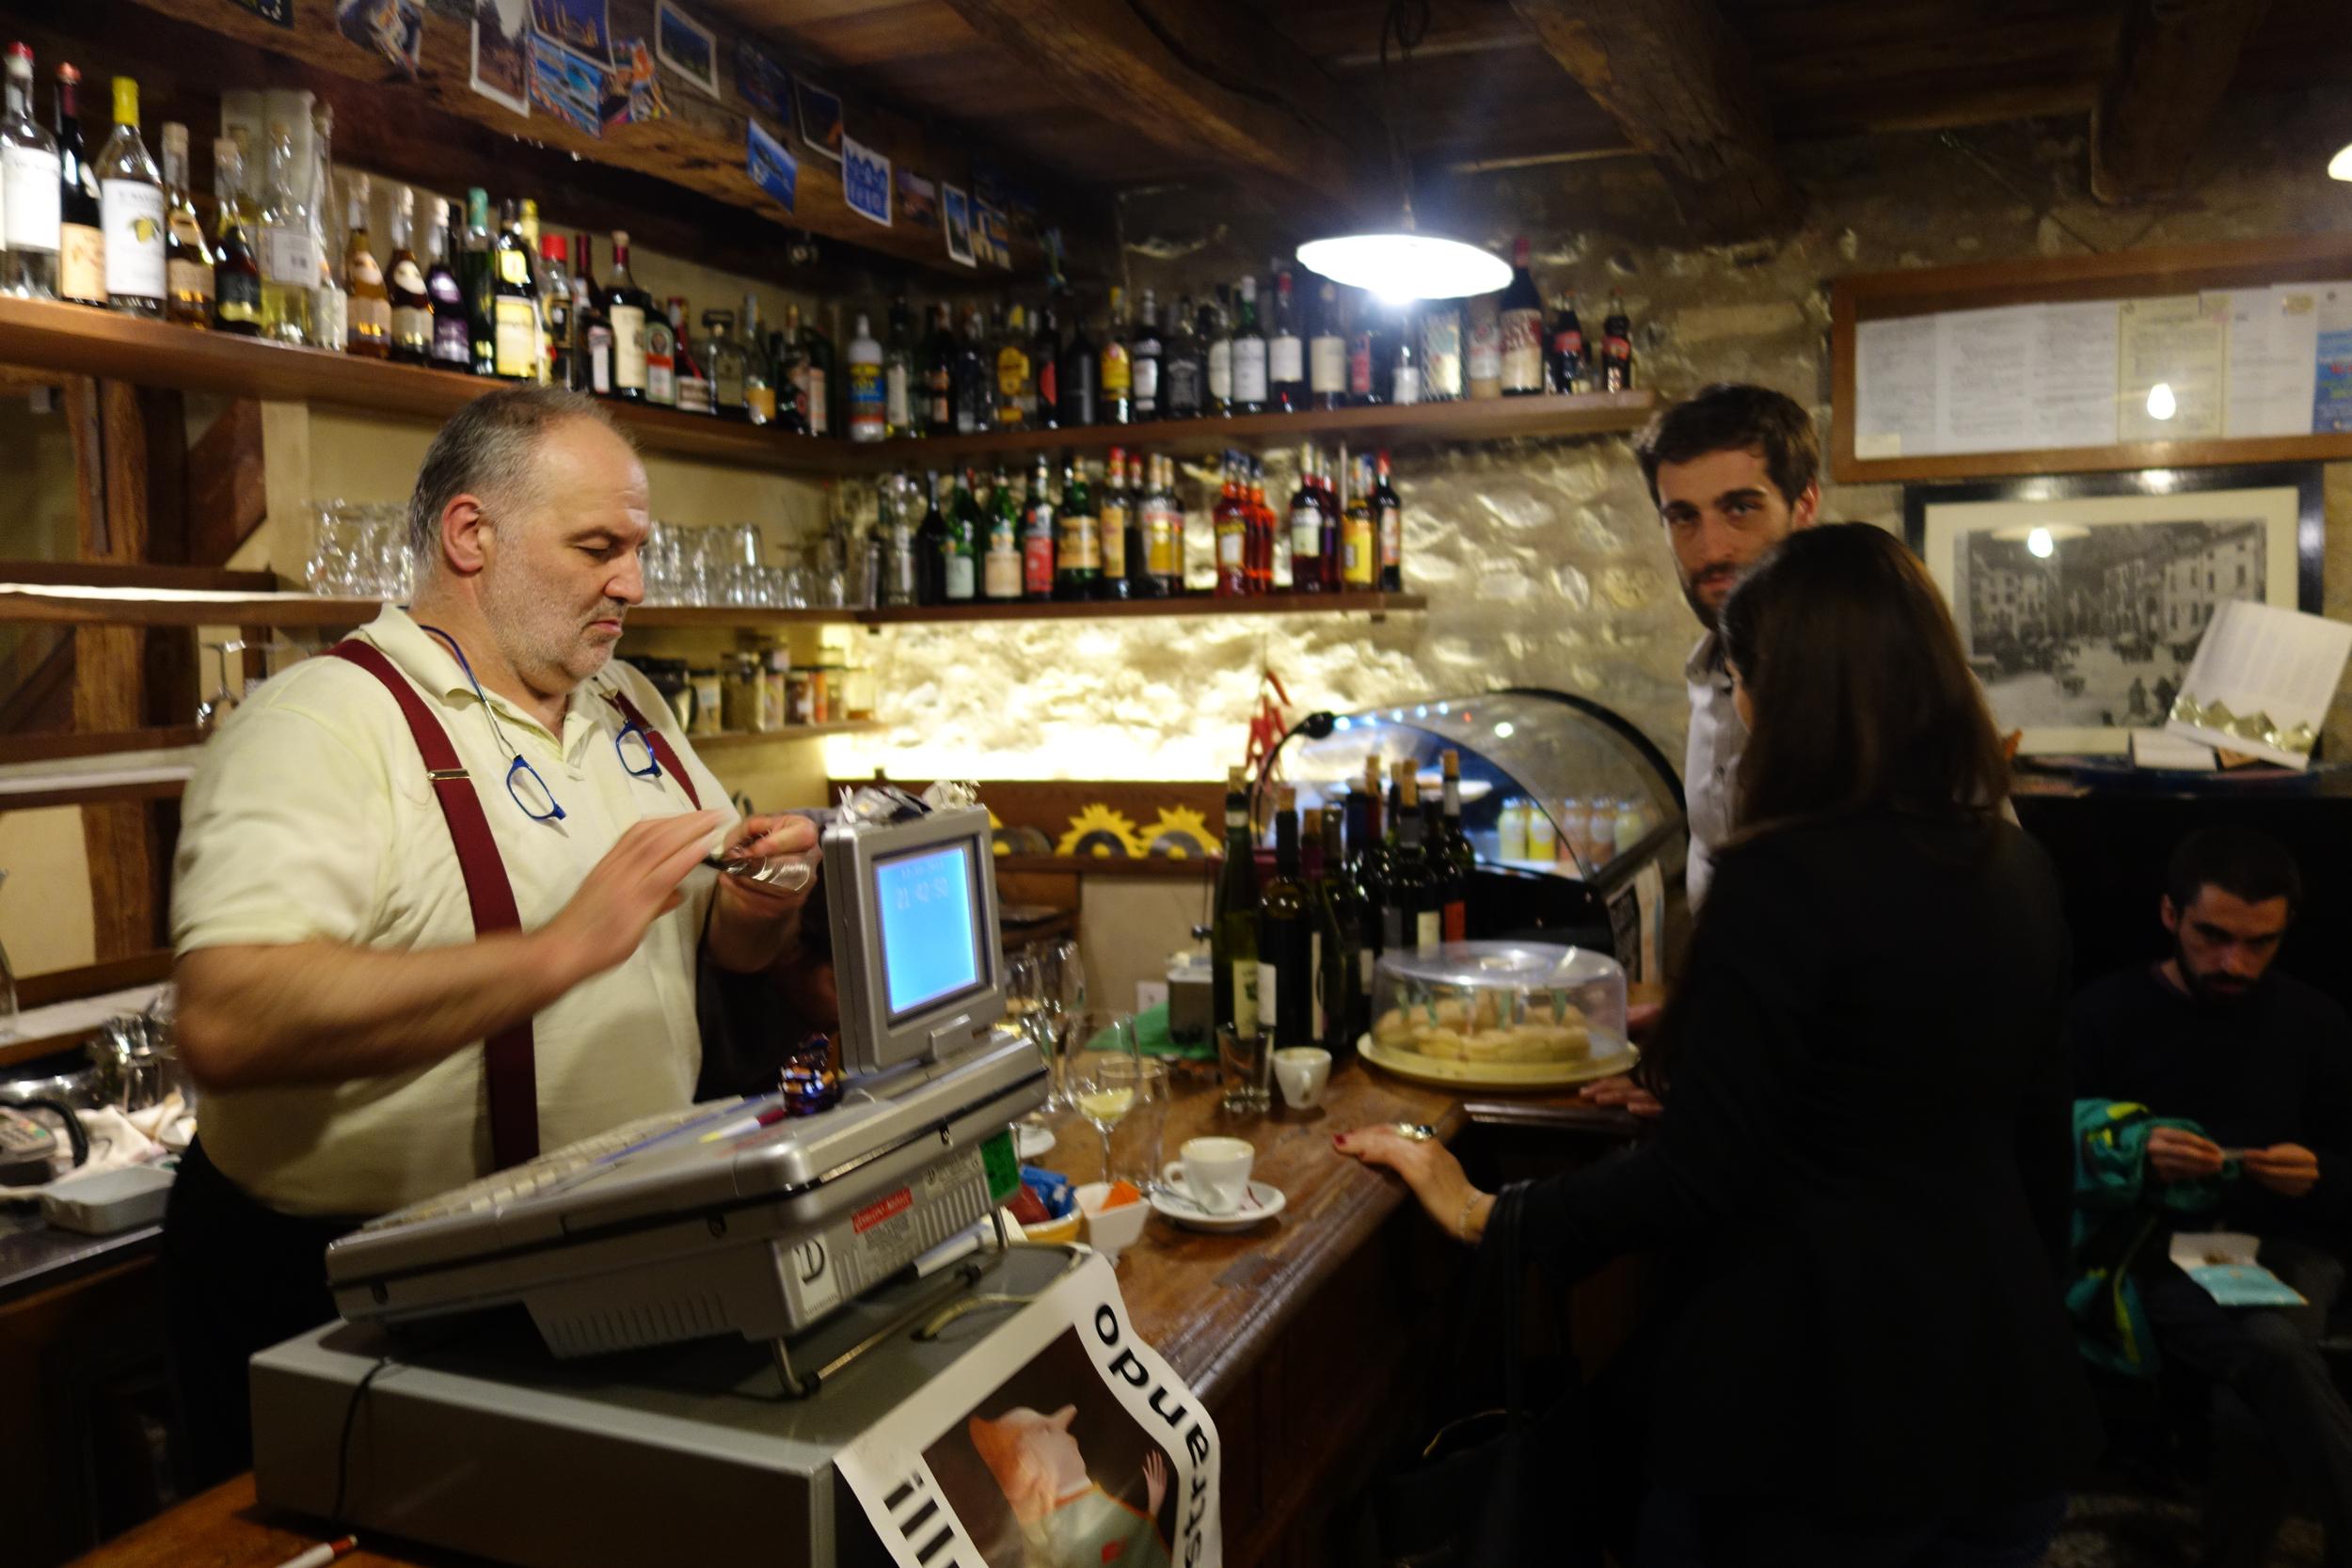 Maitre D, Francesca, & Riccardo at Trattoria alla Cerva.